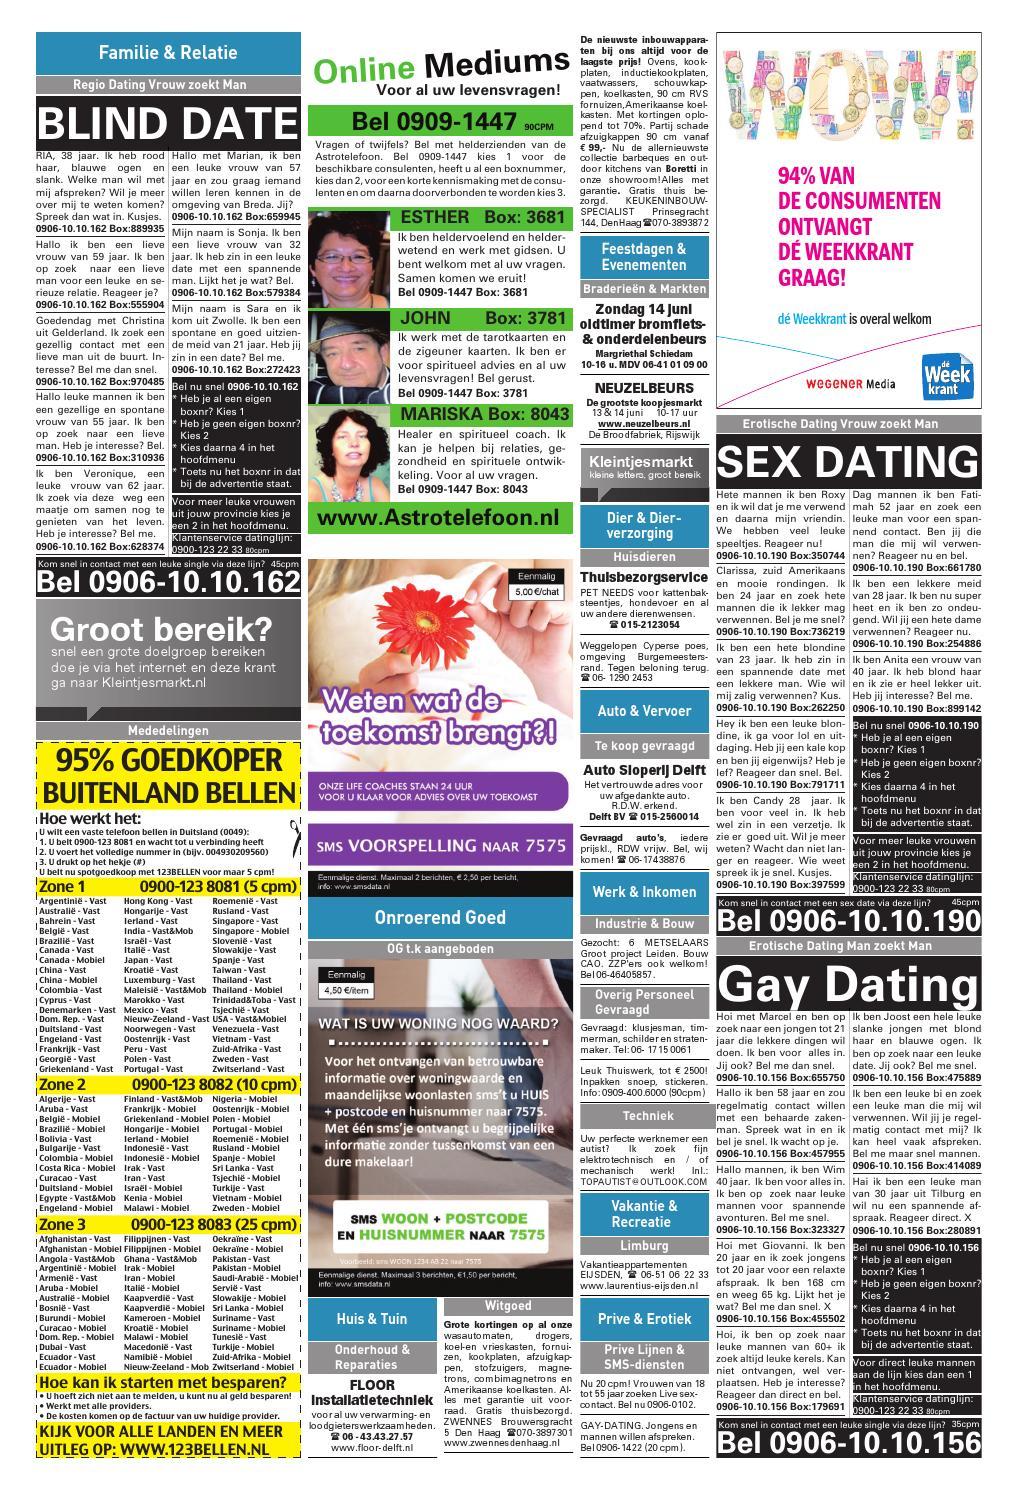 Gay dating websites in Filipijnen